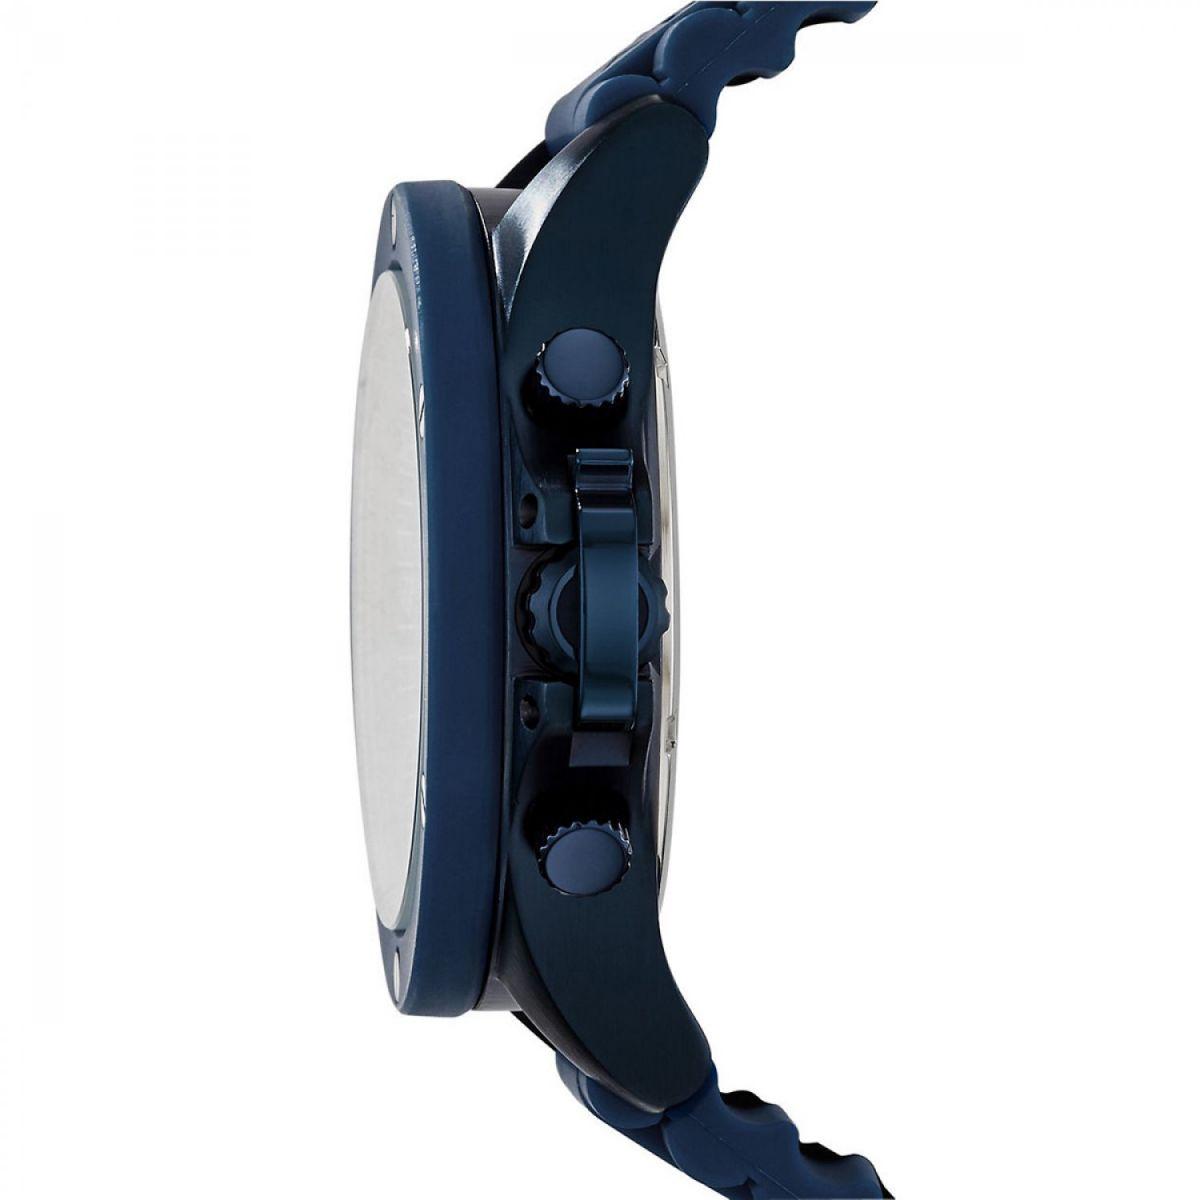 6d46b39f592 Relógio Armani Exchange AX1524 8AN - Tudo Jóias - Belas Jóias para o ...